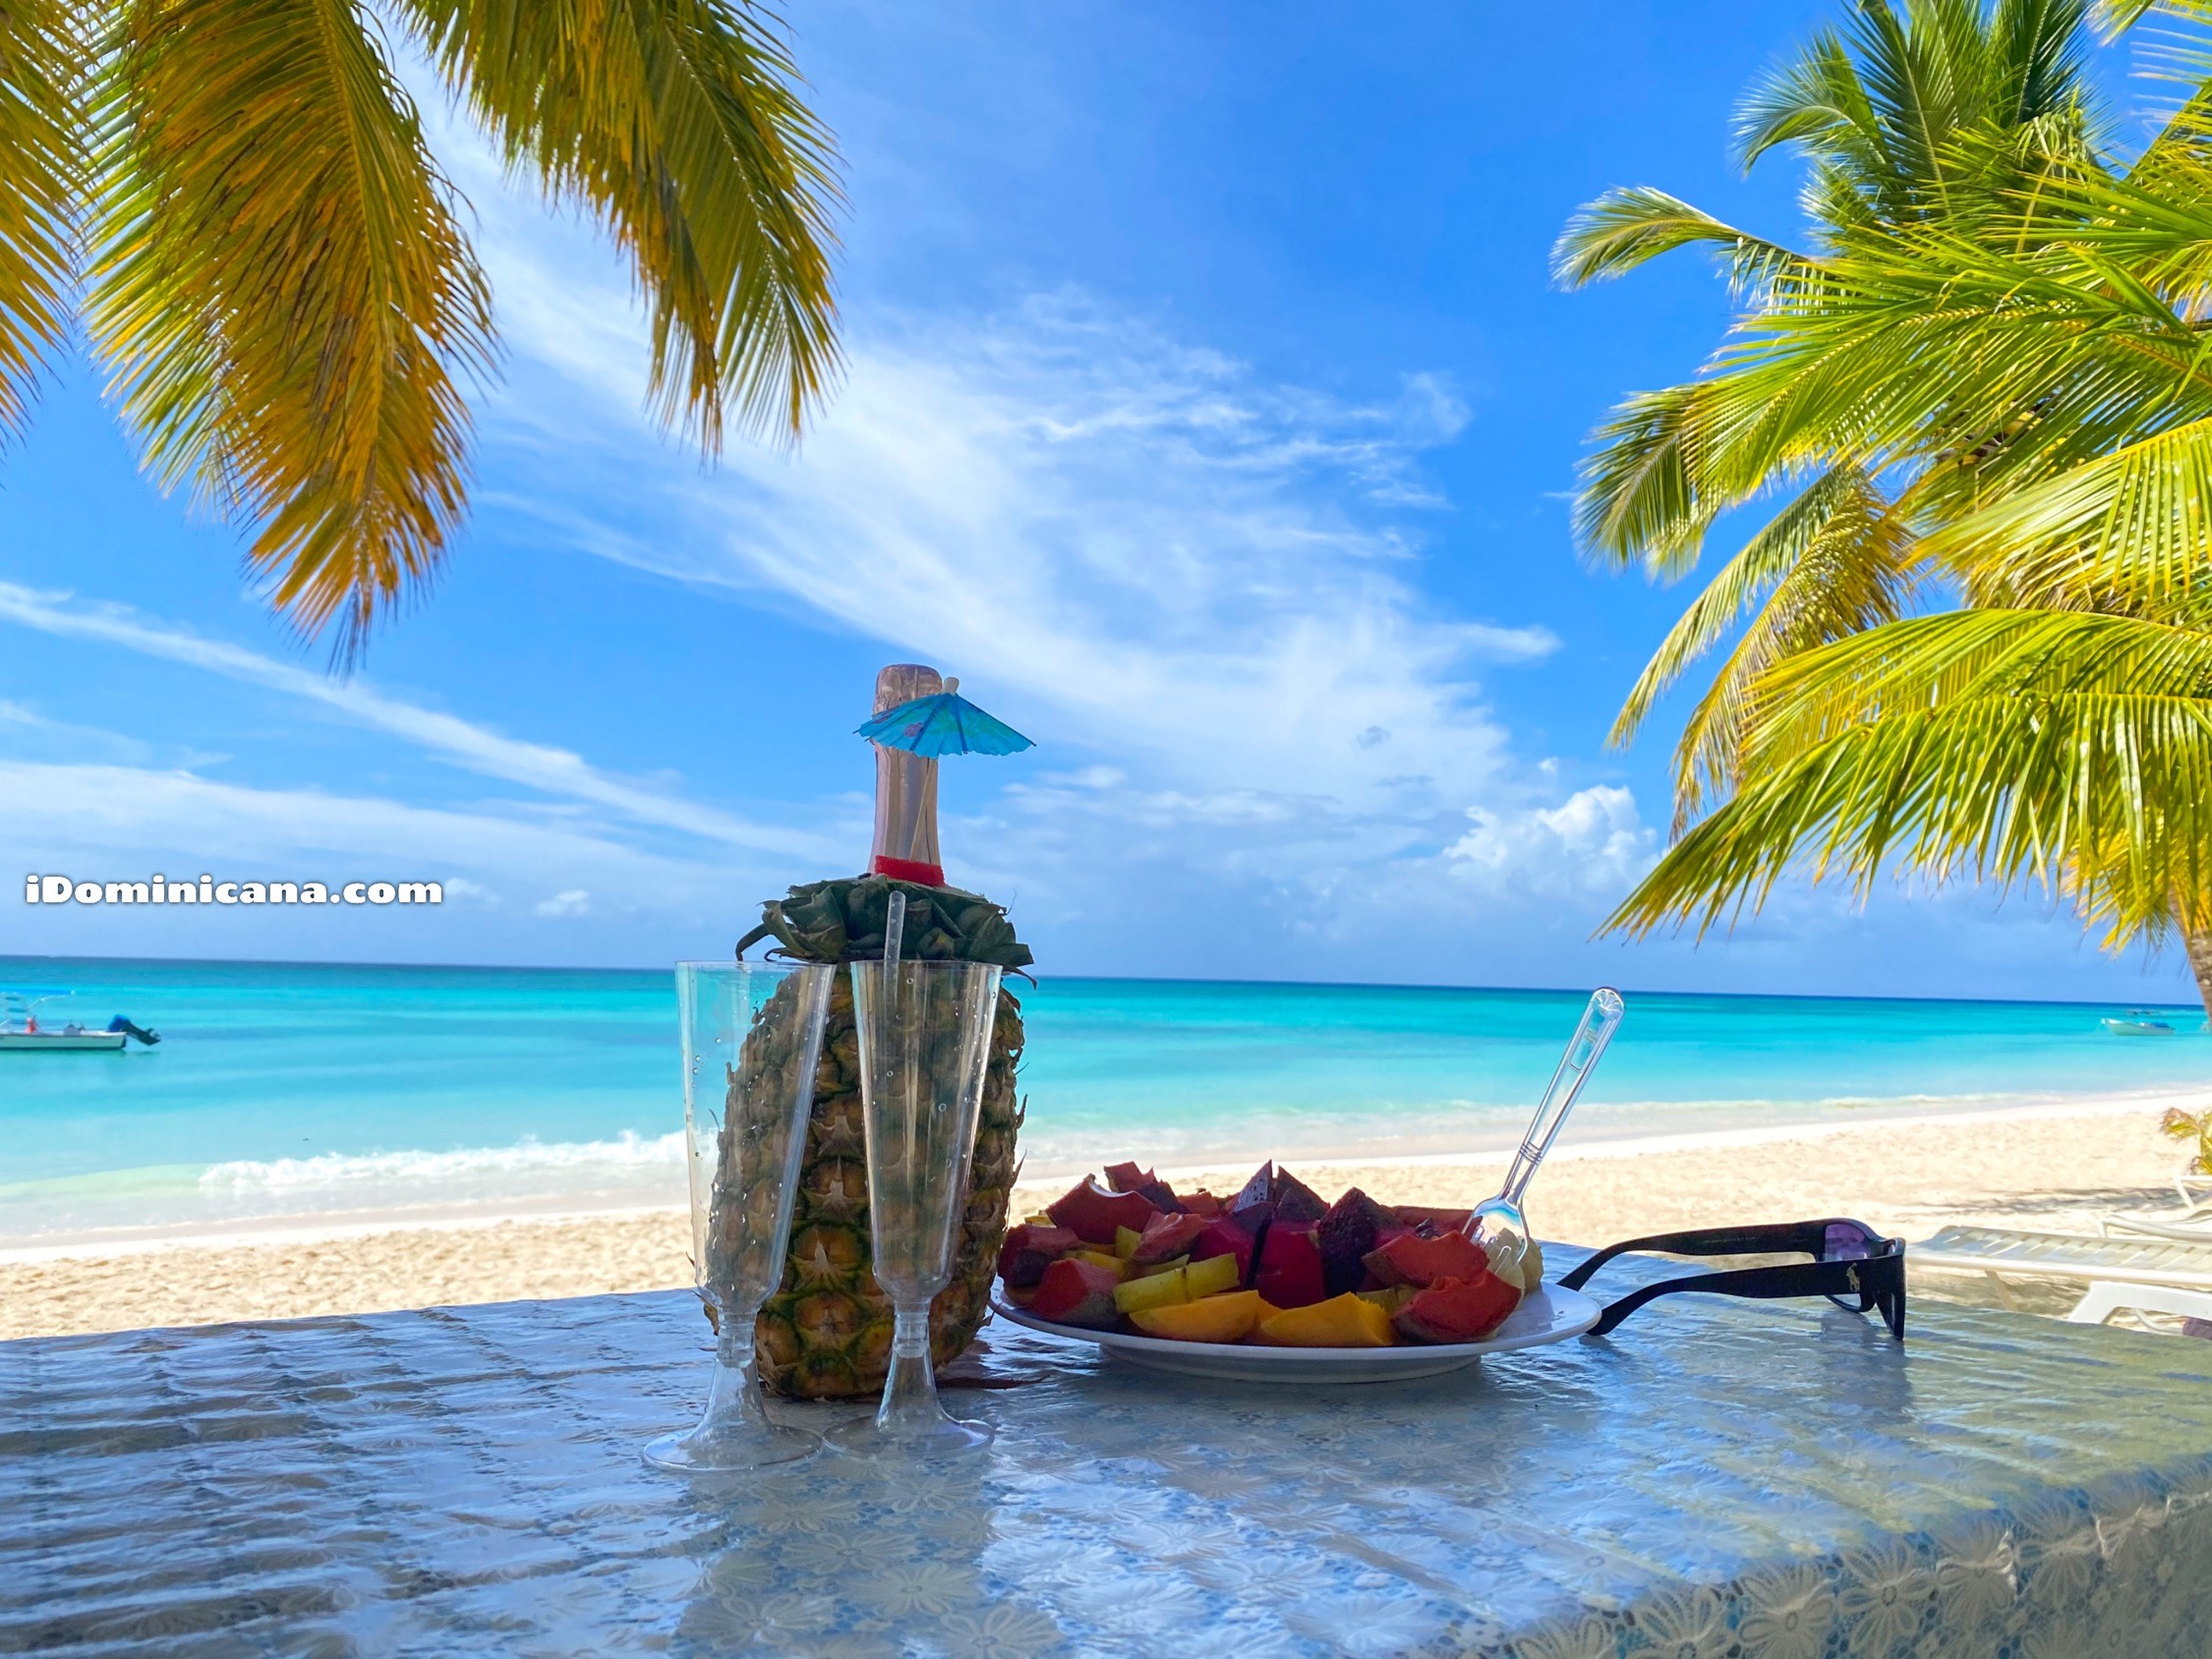 Остров Саона (Доминикана): новые фото наших туристов